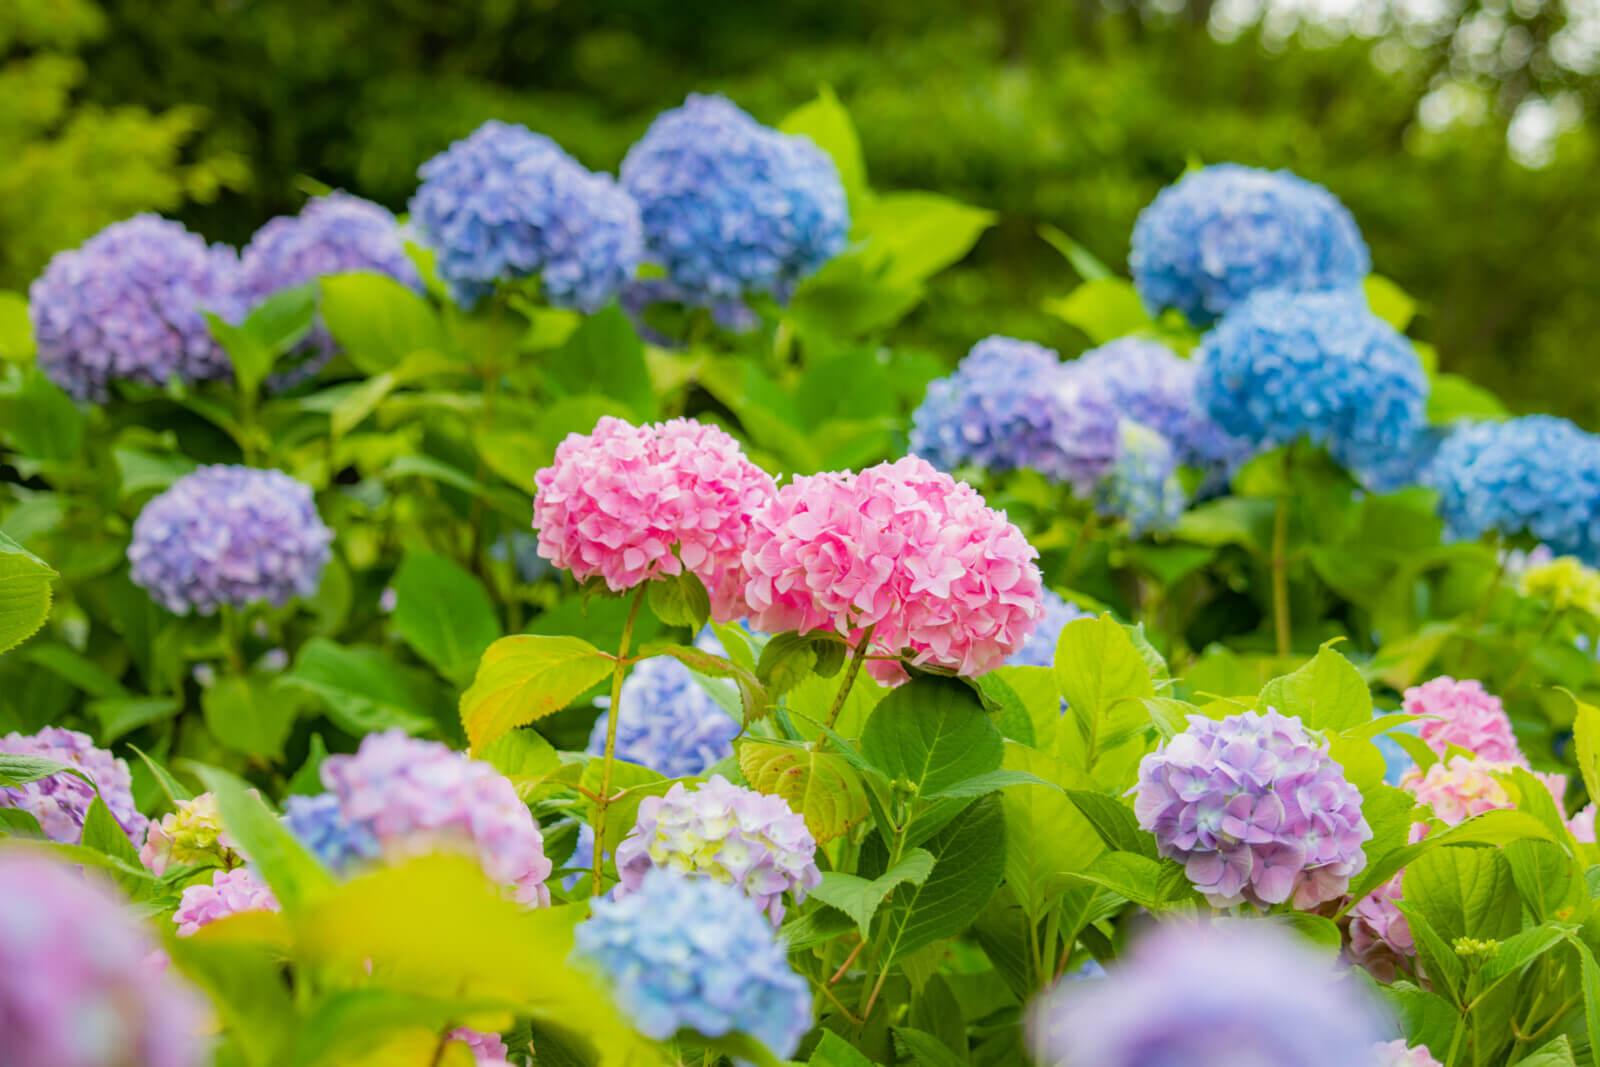 さくらんぼみたい!ピンクの紫陽花が2つ